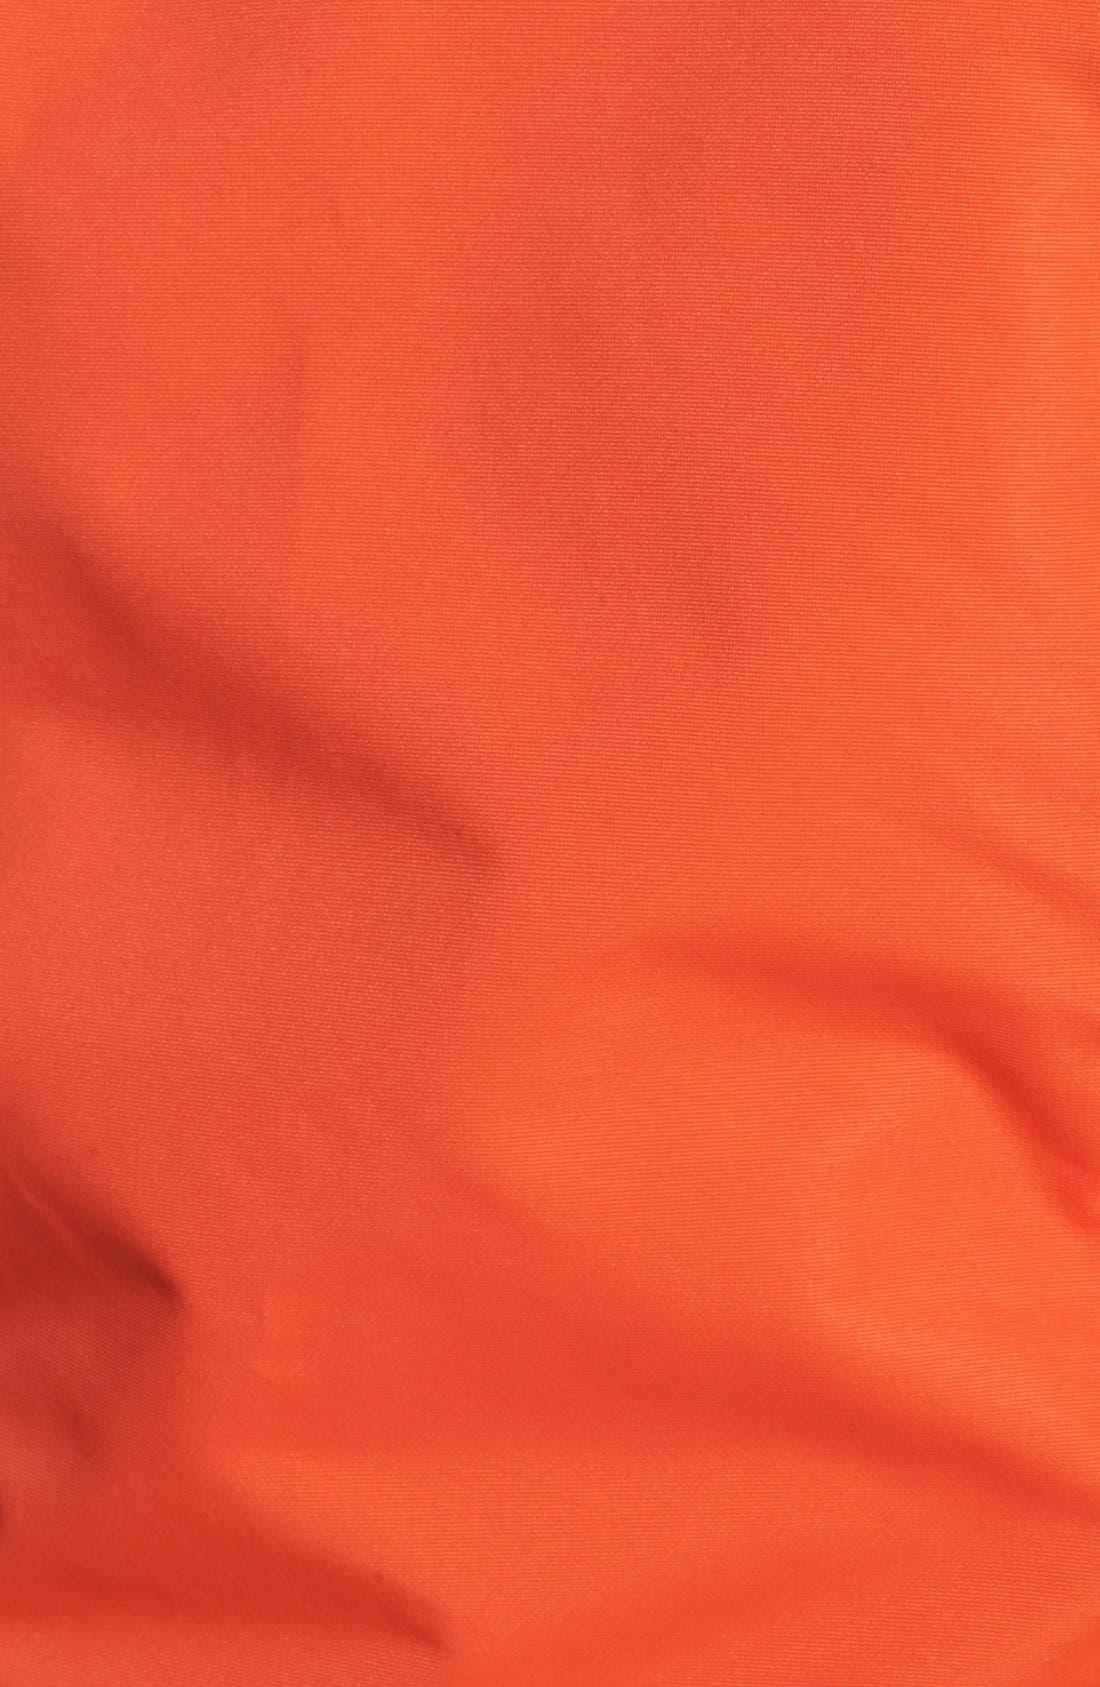 Alternate Image 3  - NOIZE Mid Length Parka with Faux Fur Trim